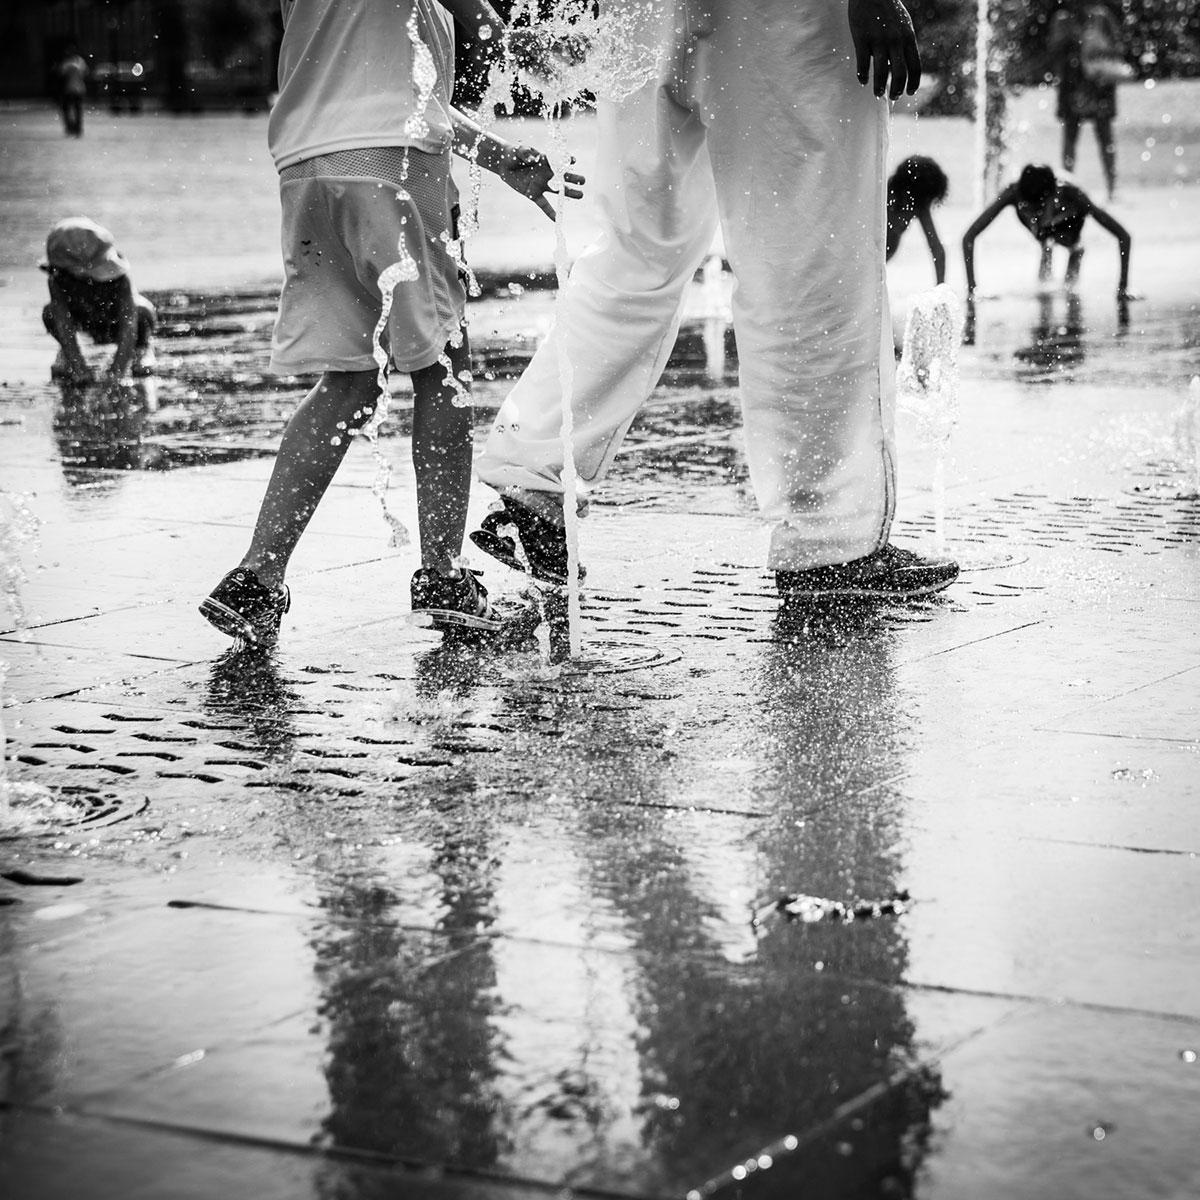 street photography photo de rue noir et blanc metz été jet d'eau